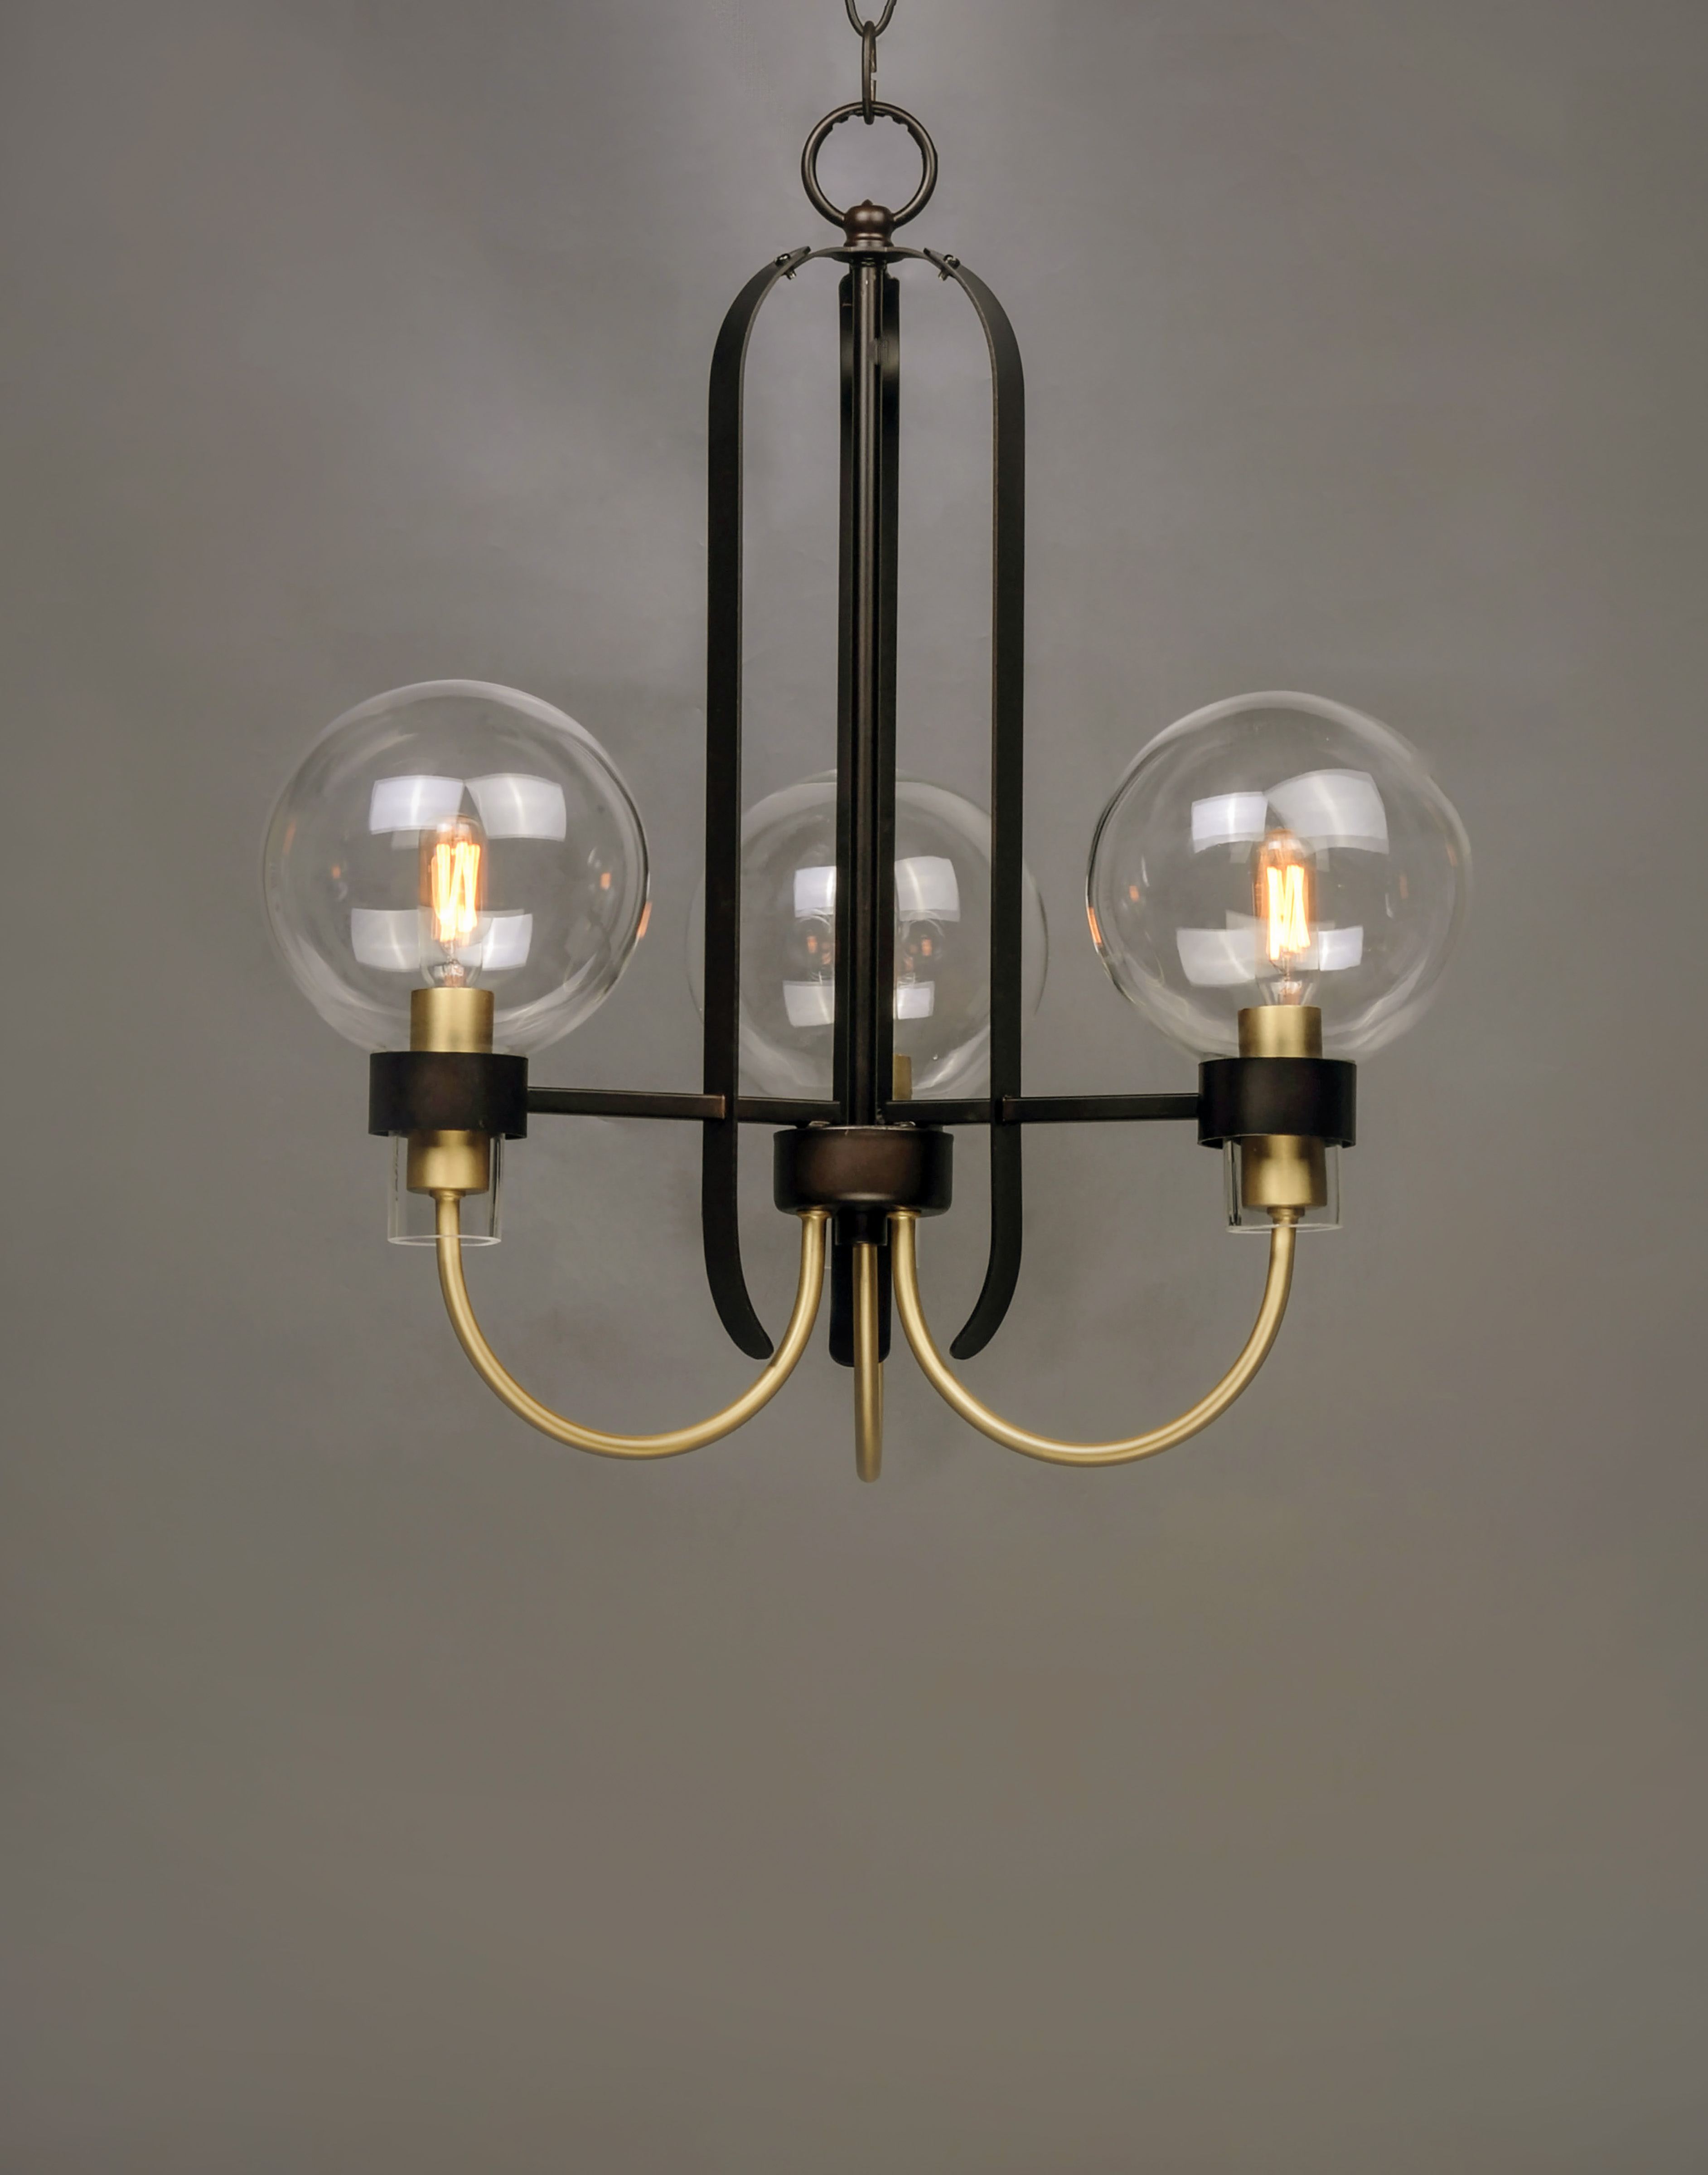 Bauhaus 3 Light Chandelier